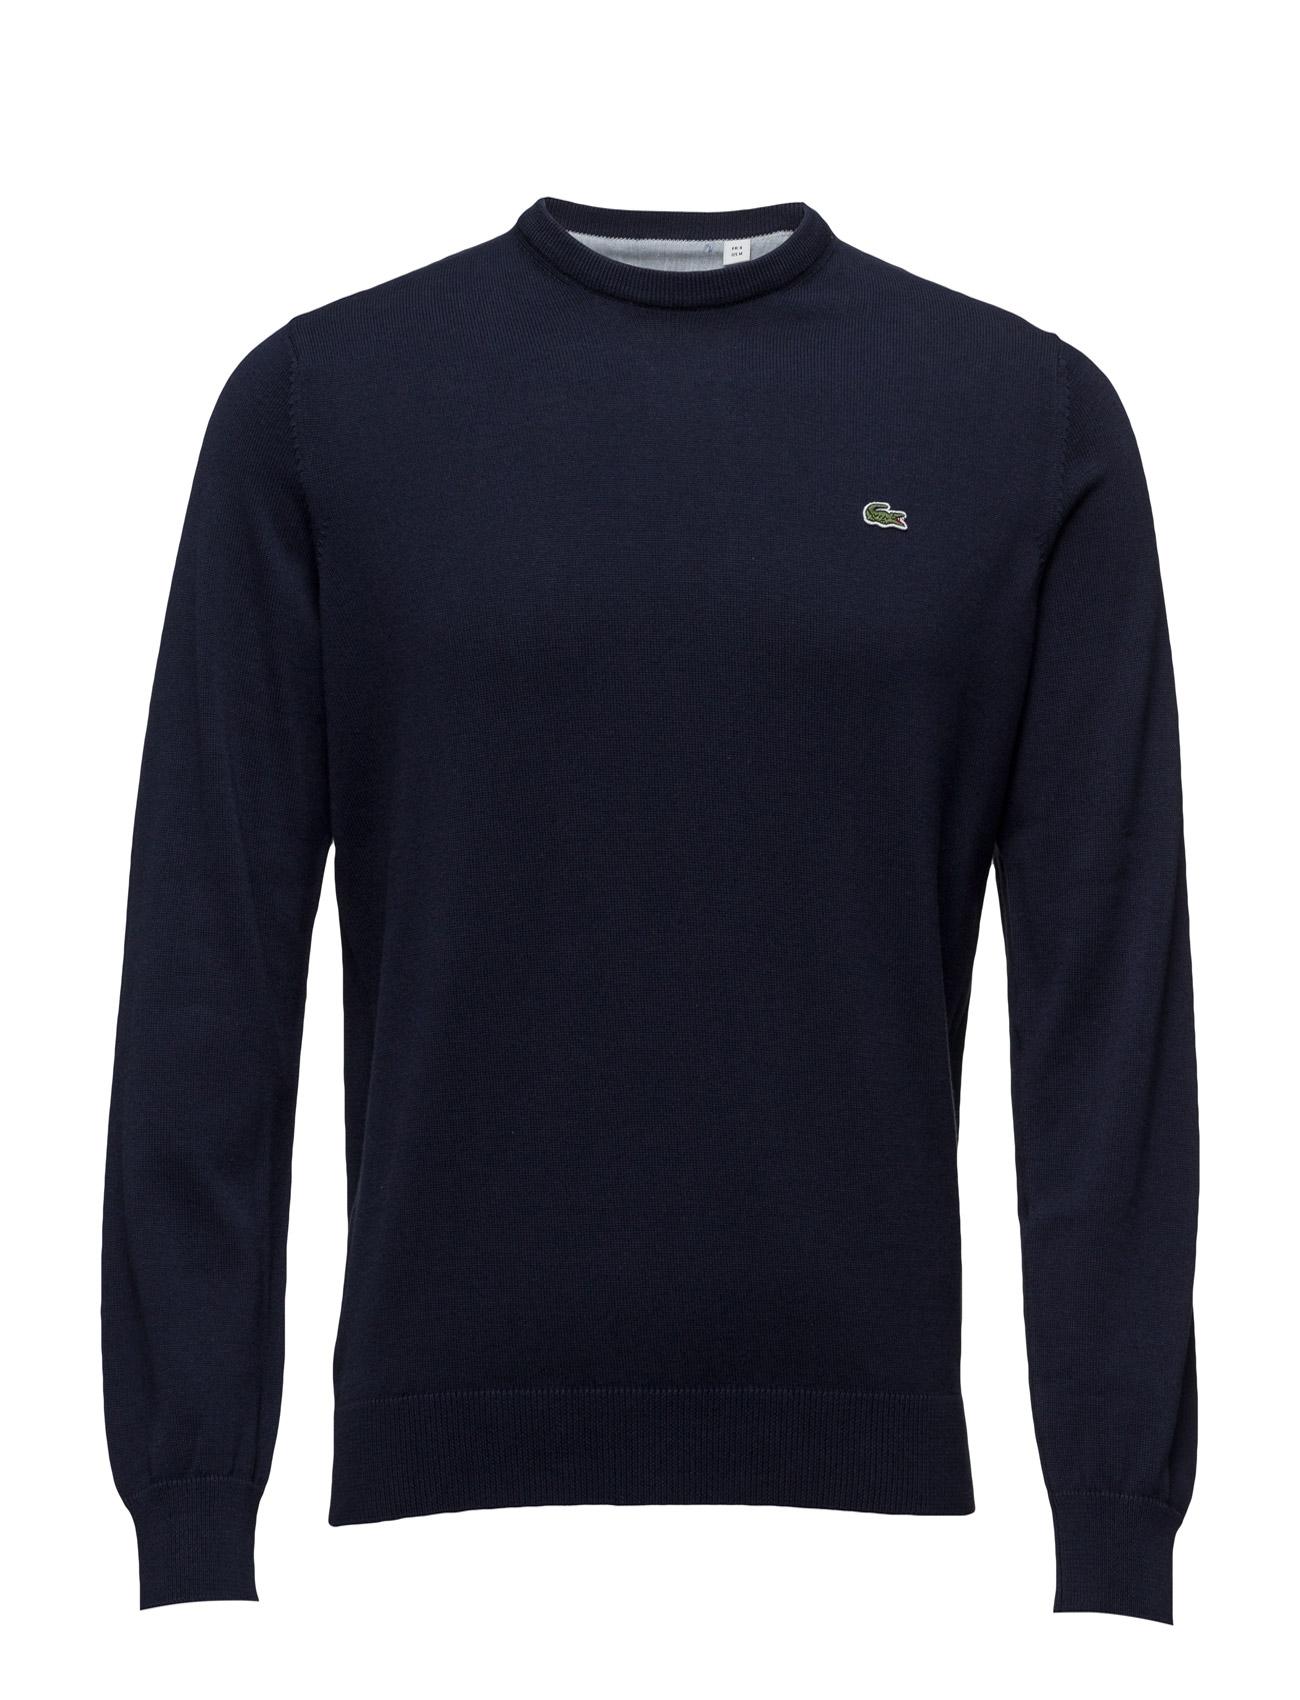 Sweaters Lacoste Striktøj til Mænd i Marine blå